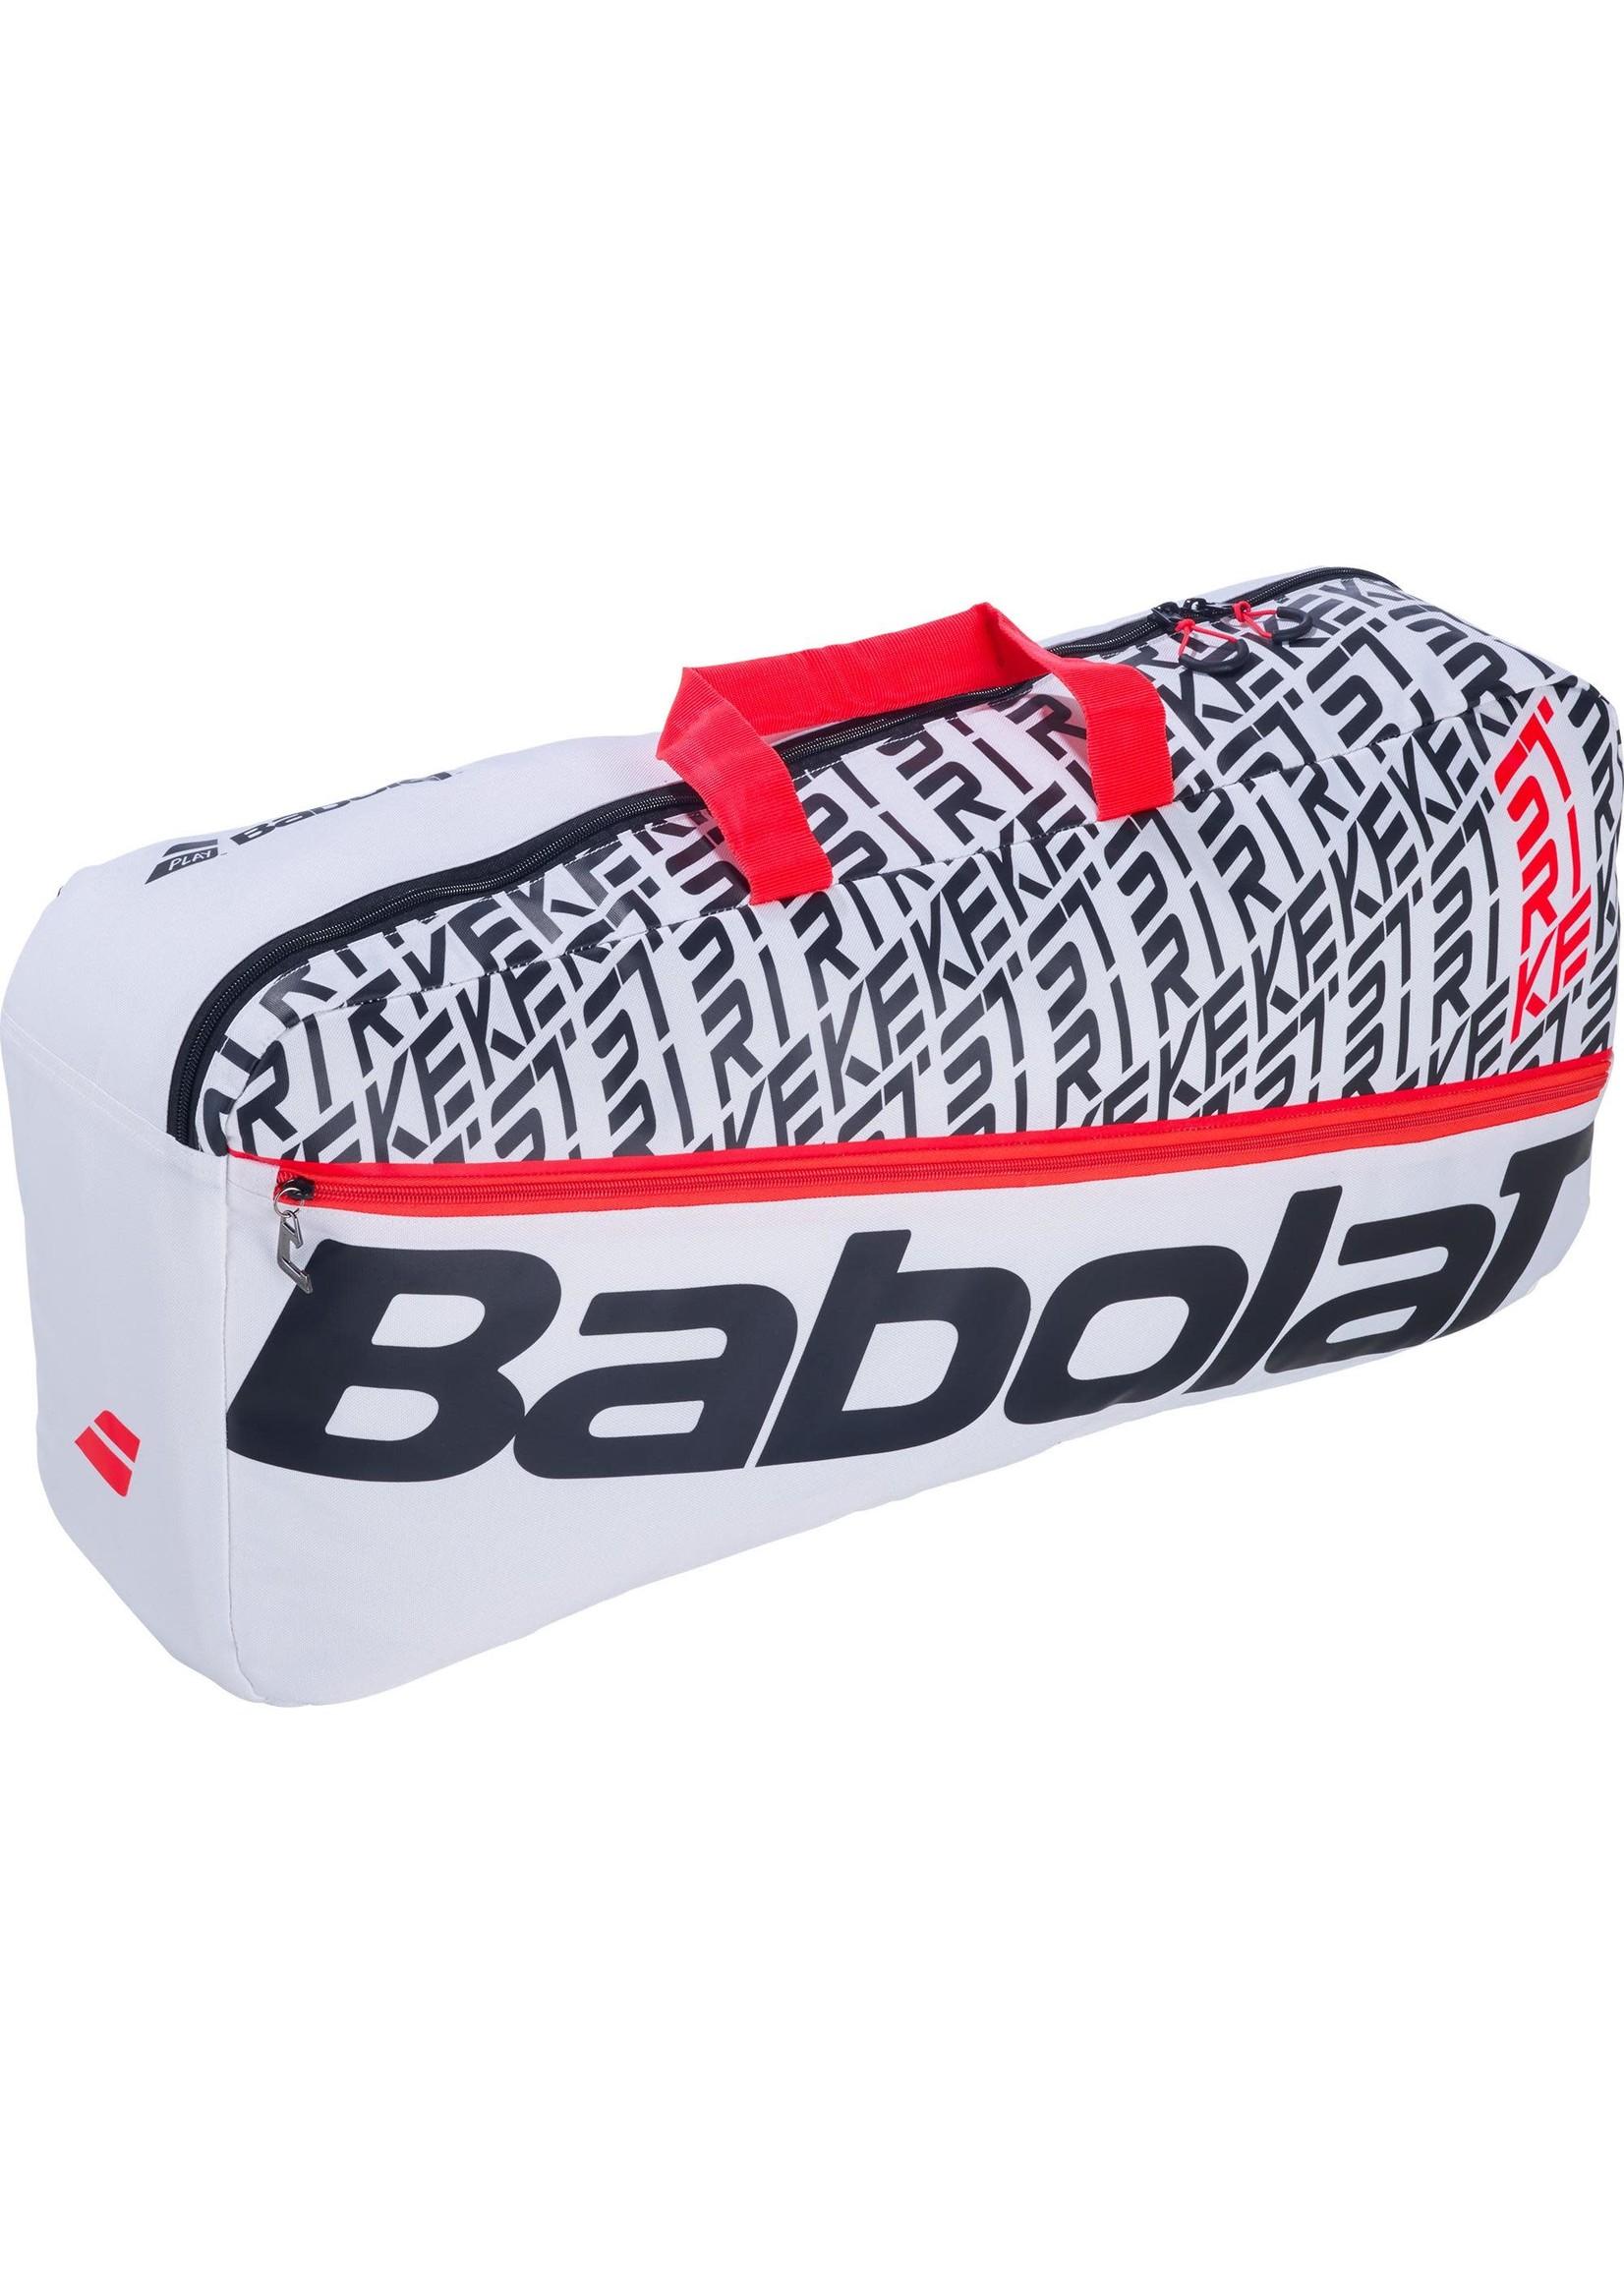 Babolat Babolat Pure Strike Duffle Bag, White/Red (2019)